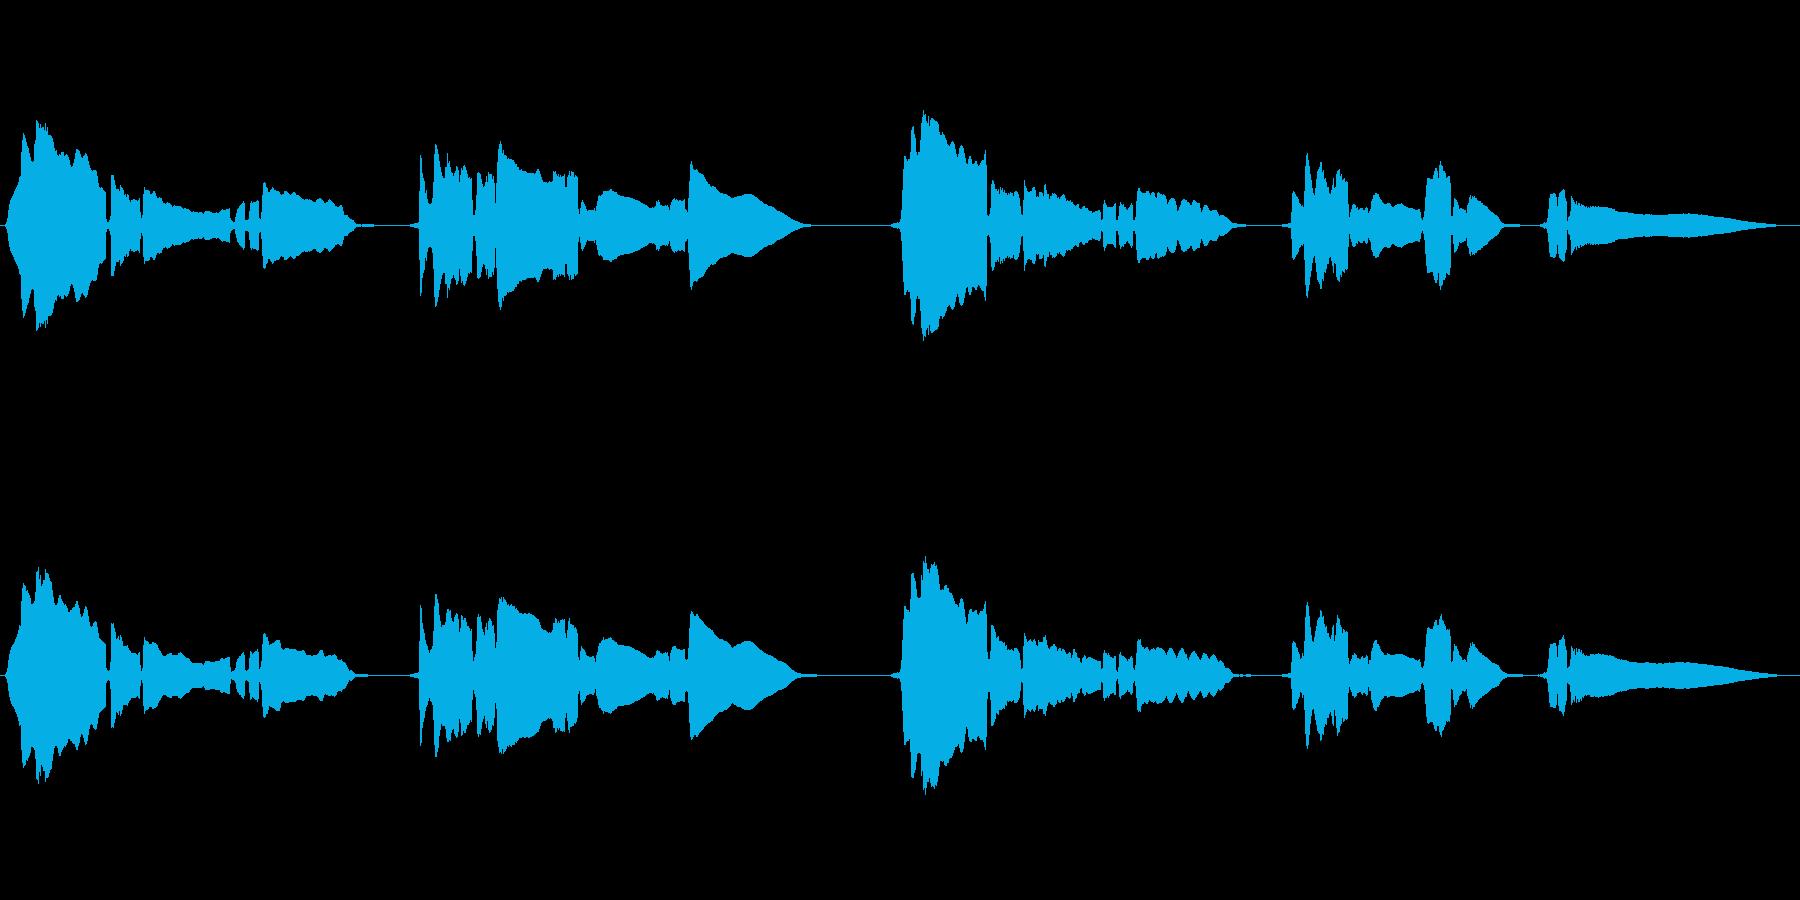 せつないメロディ―をサックスが奏でますの再生済みの波形